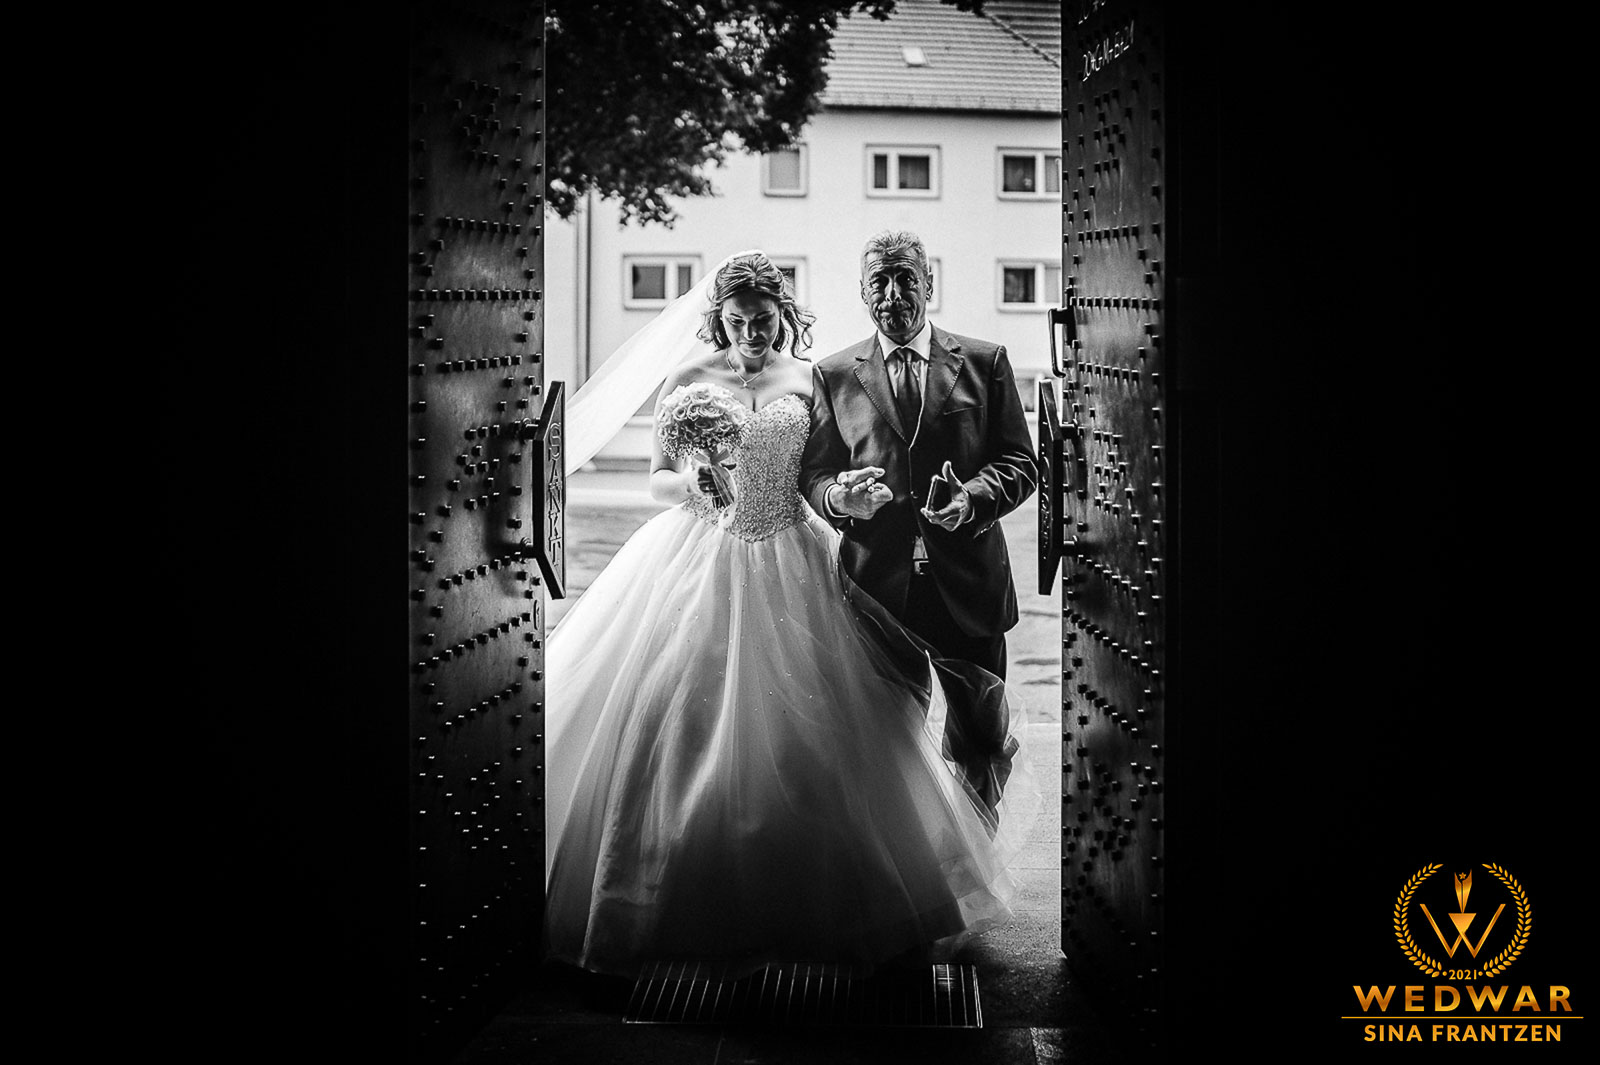 Einzug der Braut im Prinzessinnenkleid mit ihrem Vater in de Kirche - Gewinnerbild Wedwar WAC-18